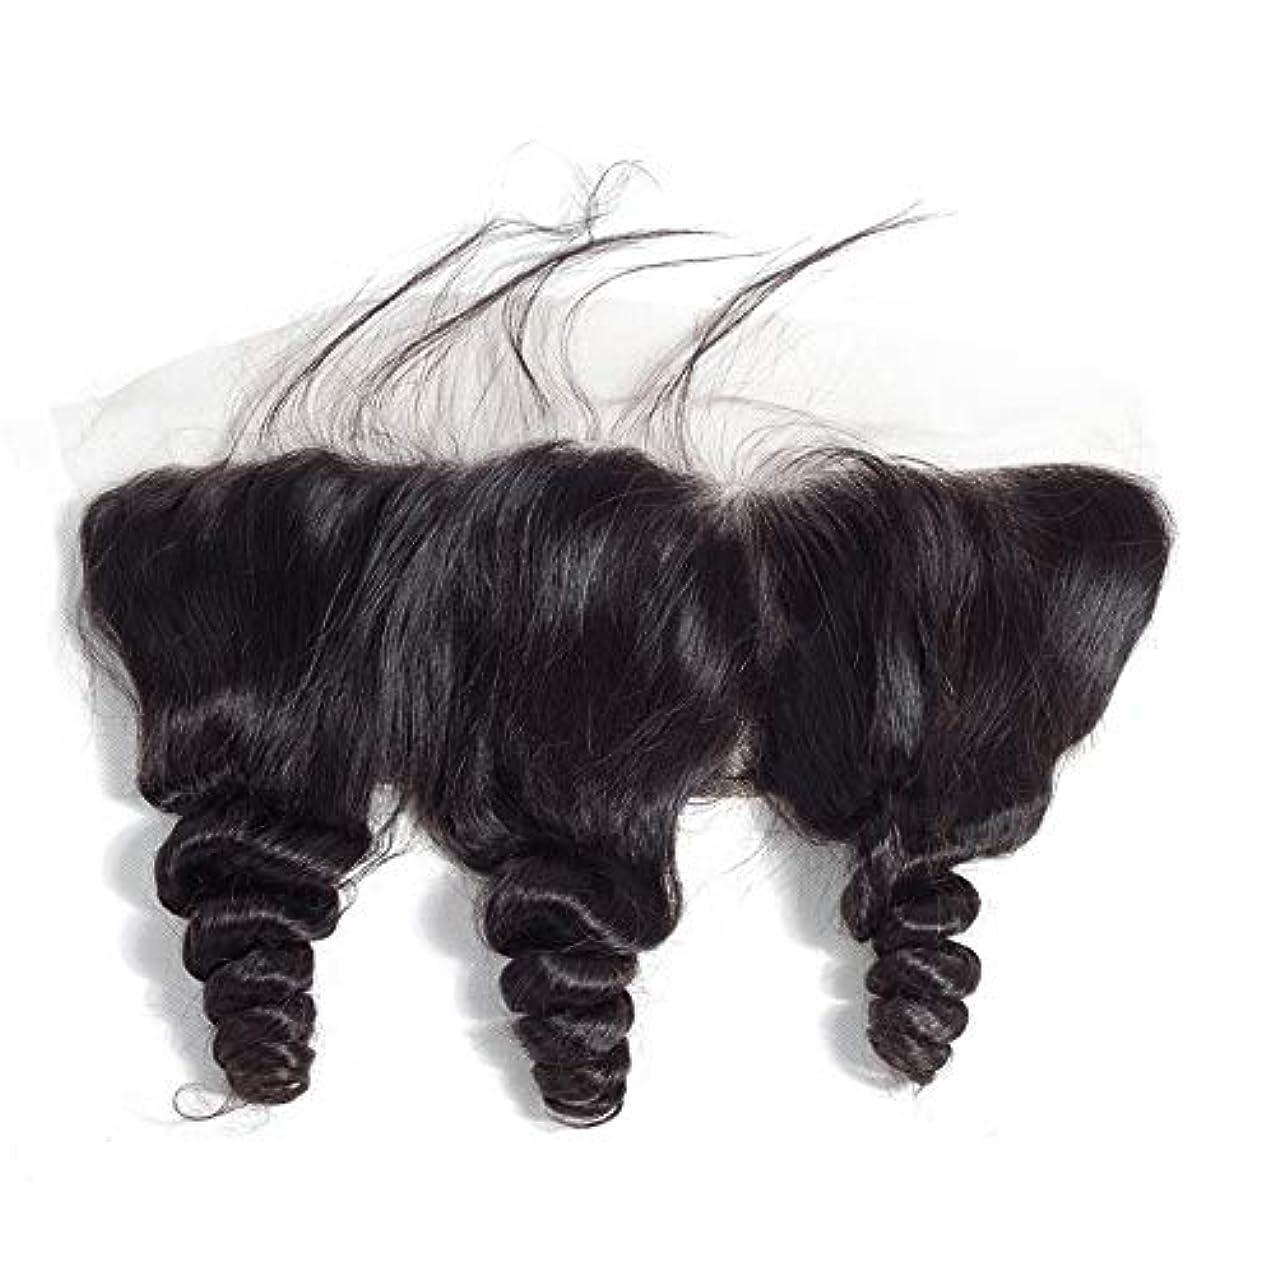 認知個人的に修正するWASAIO 無料パートレースフロンタル閉鎖ルーズウェーブヘアエクステンションクリップのシームレスな髪型ブラジルのバージン人間13「X4」トップリアルセンブランス (色 : 黒, サイズ : 18inch)